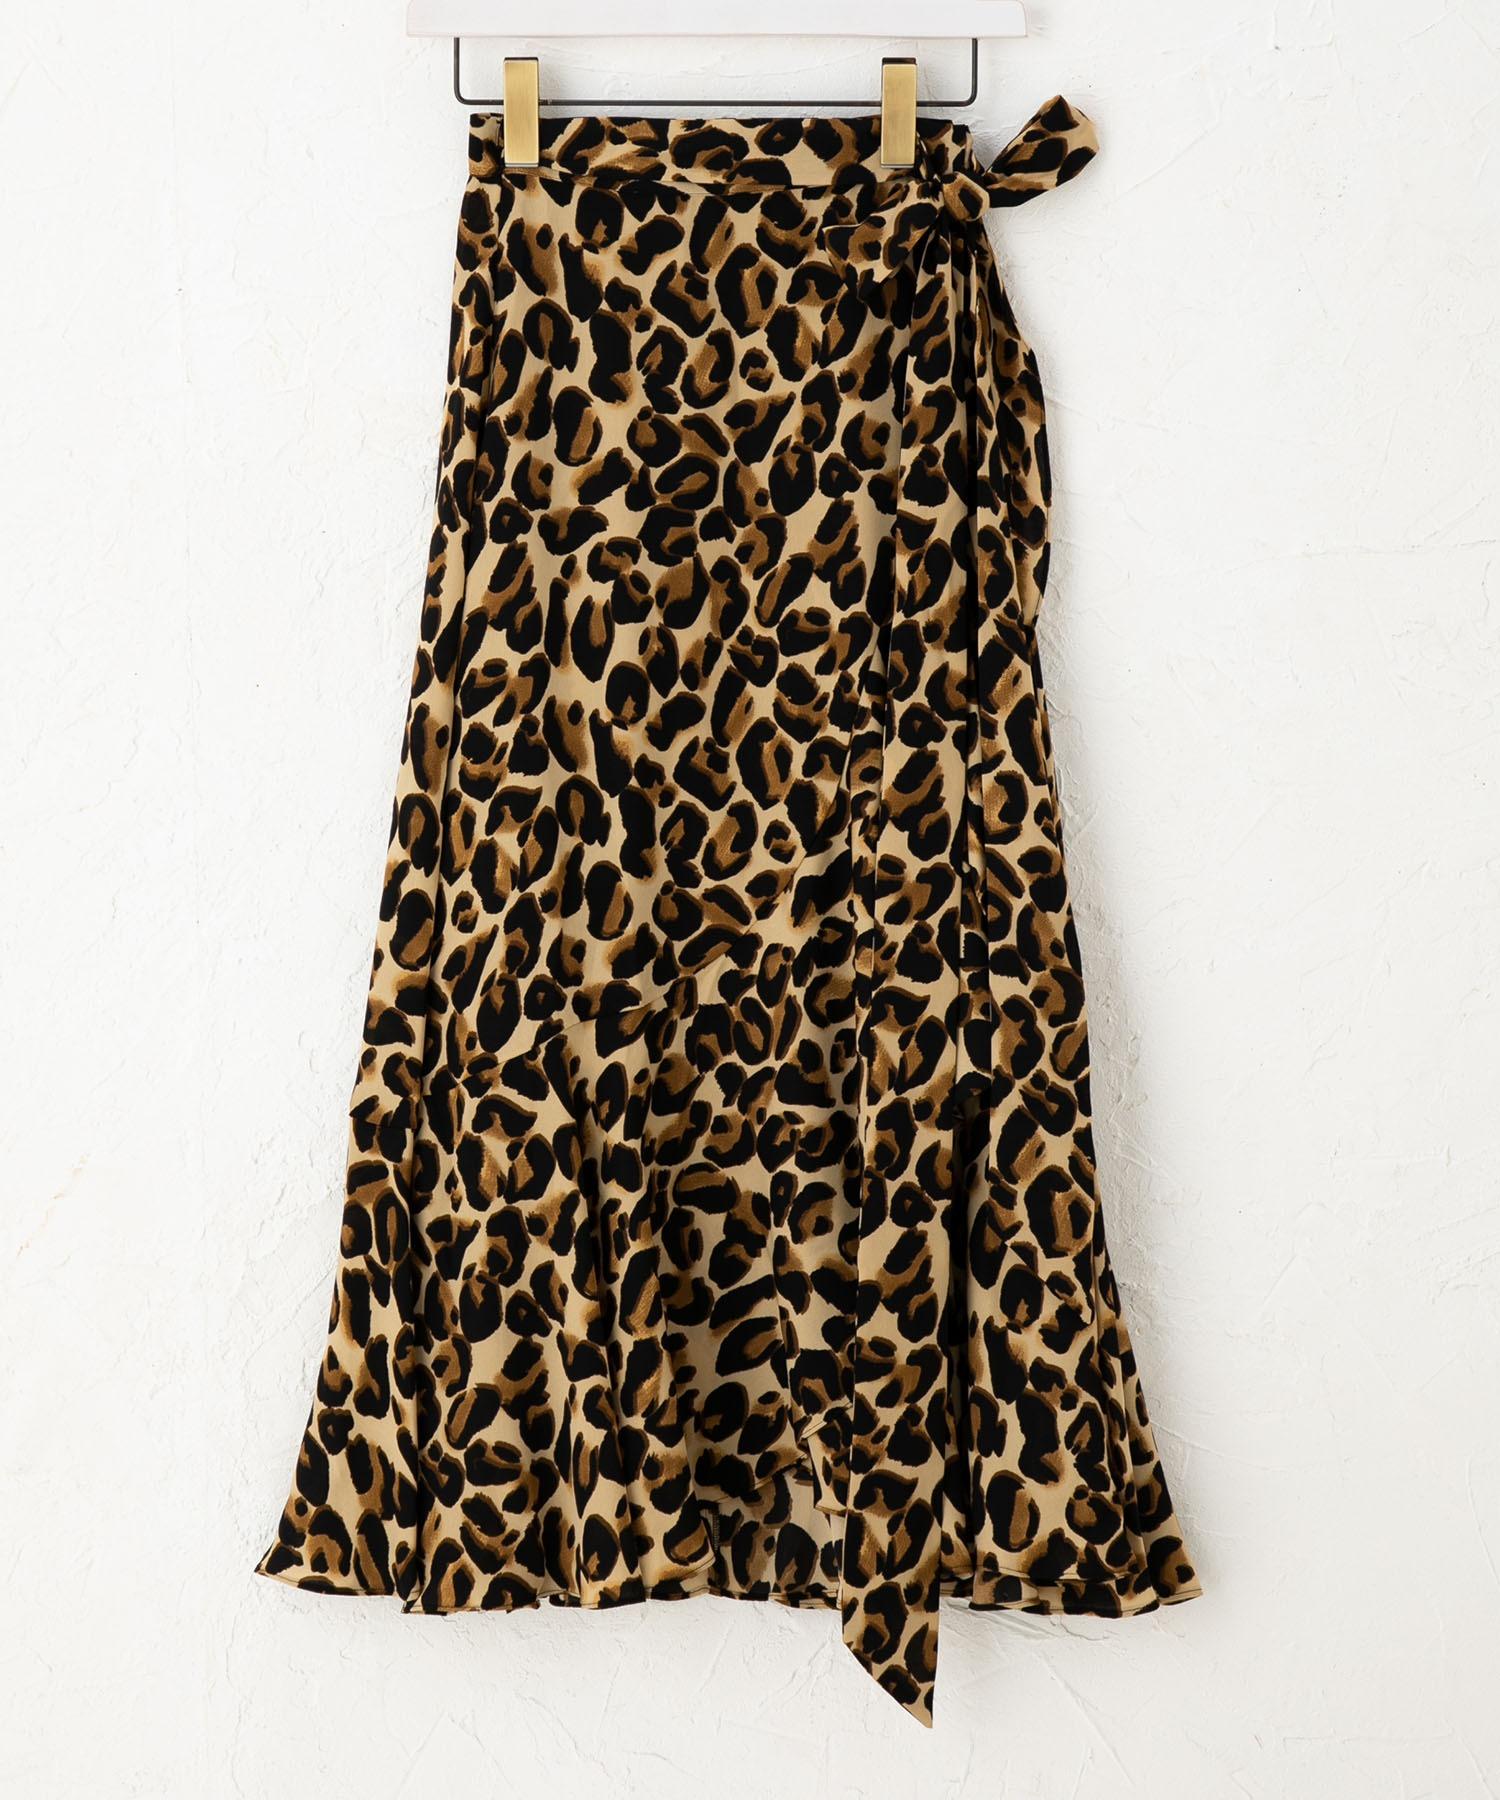 スコッチアンドソーダ SCOTCH & SODA / アニマルプリント フリルラップスカート